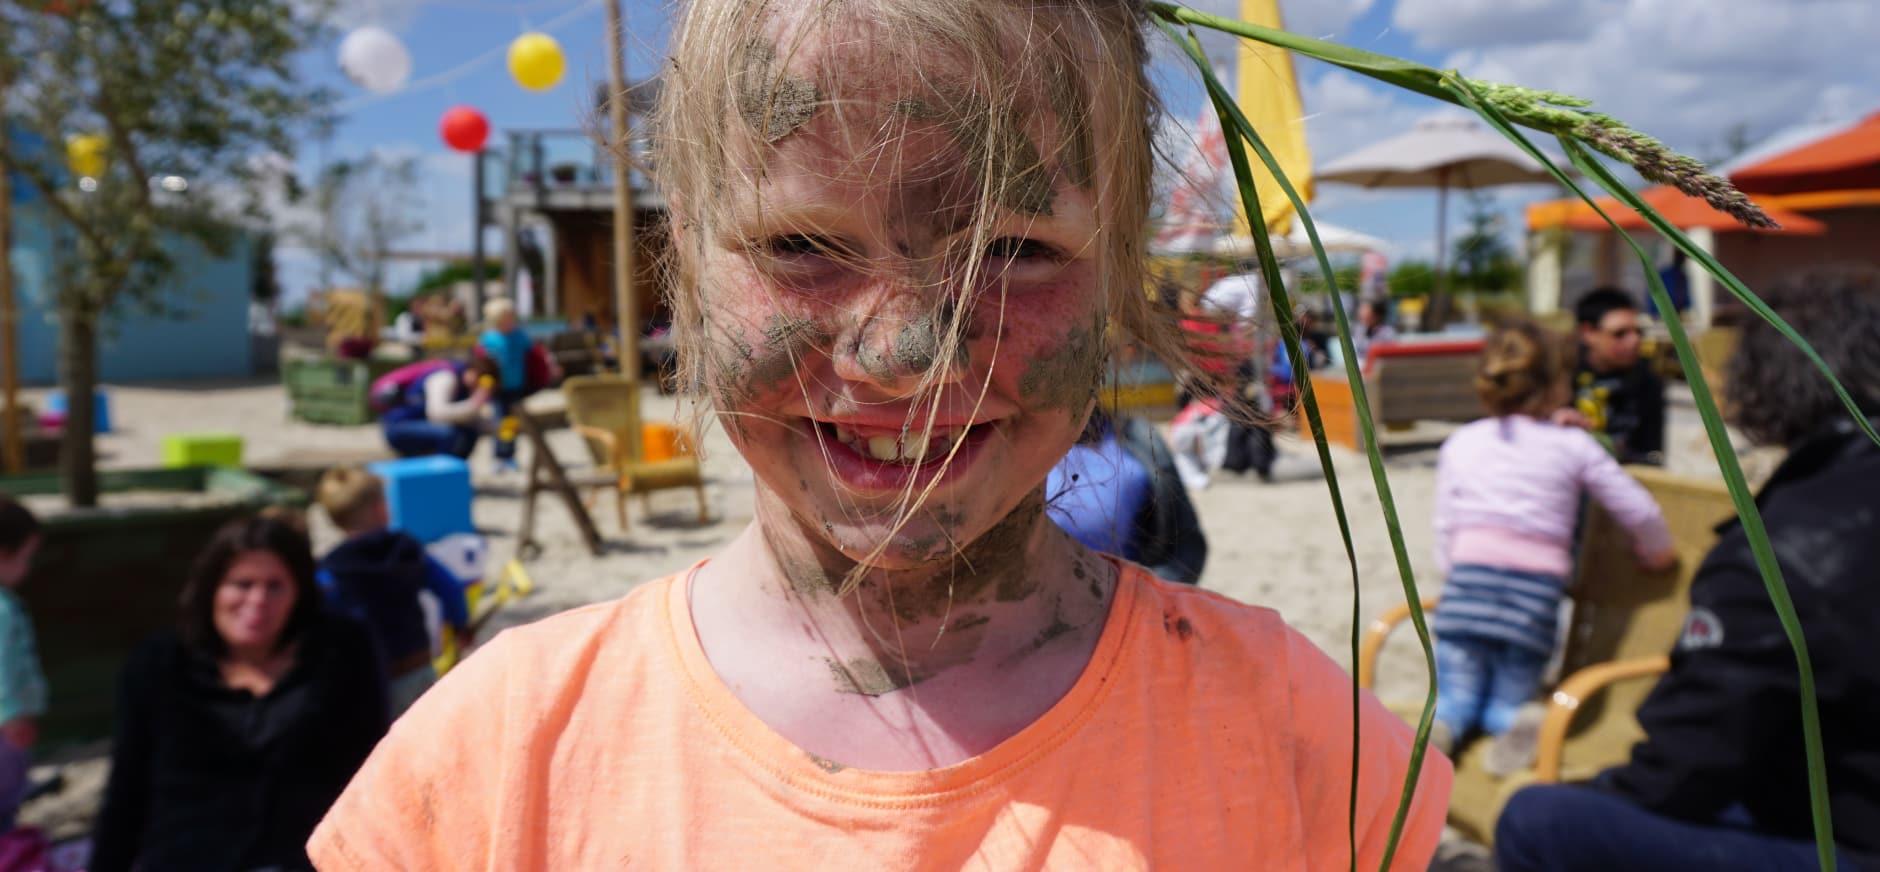 Tweede Festival van OERRR in Kraggenburg: mis het niet!